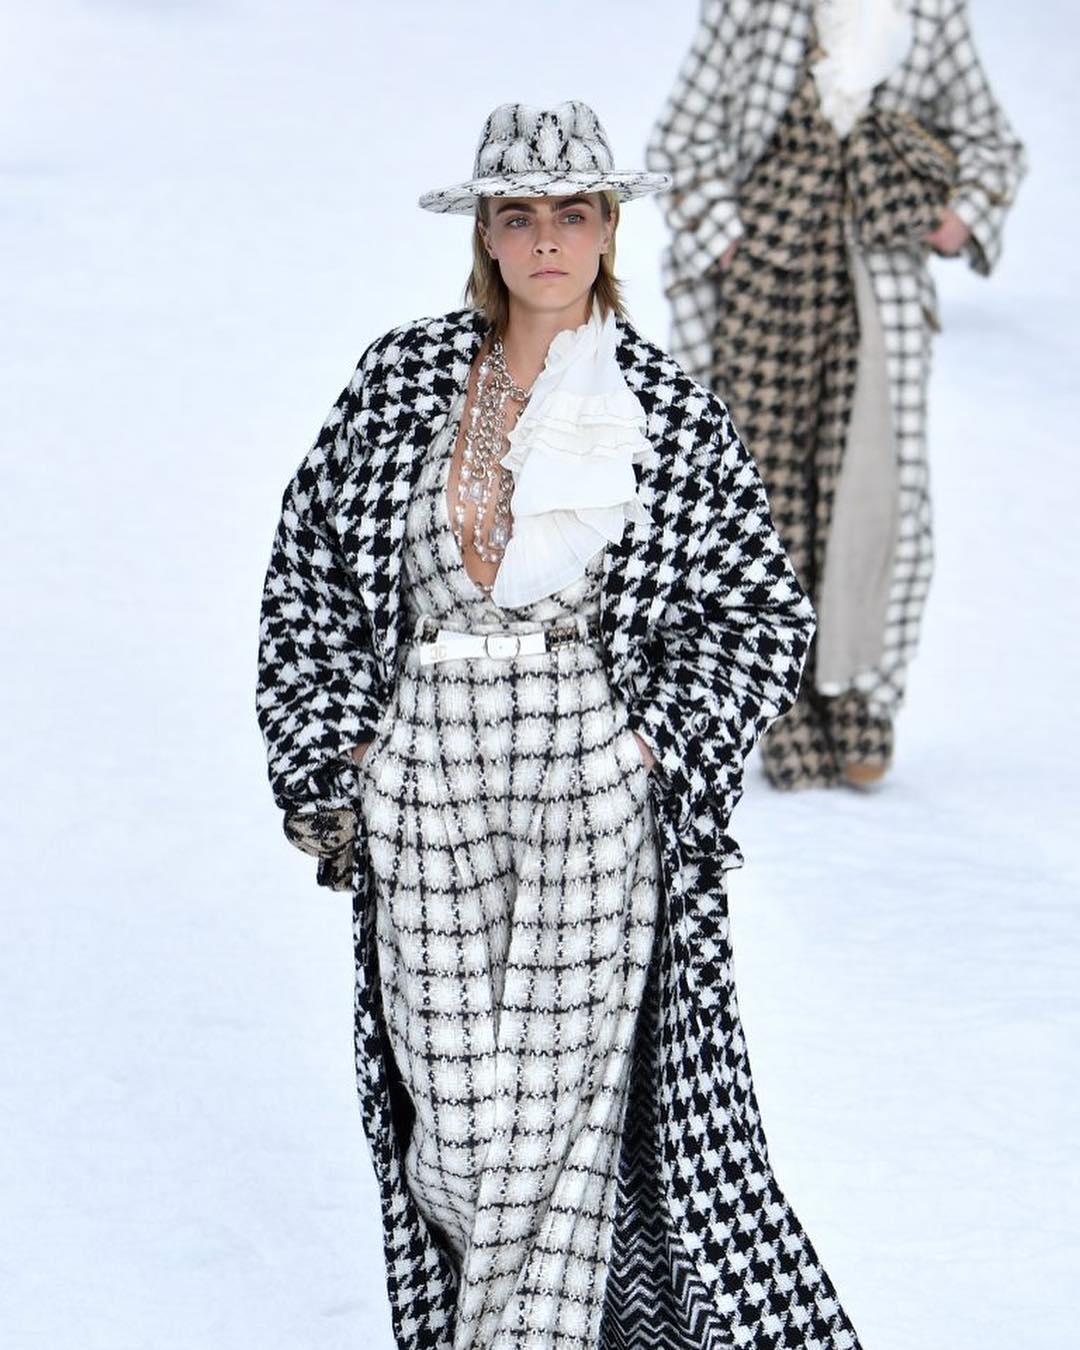 ideas de look invierno 2019, Cara Delevingne con un mono de lana blanco en cuadros negros, chaqueta larga en blanco y negro